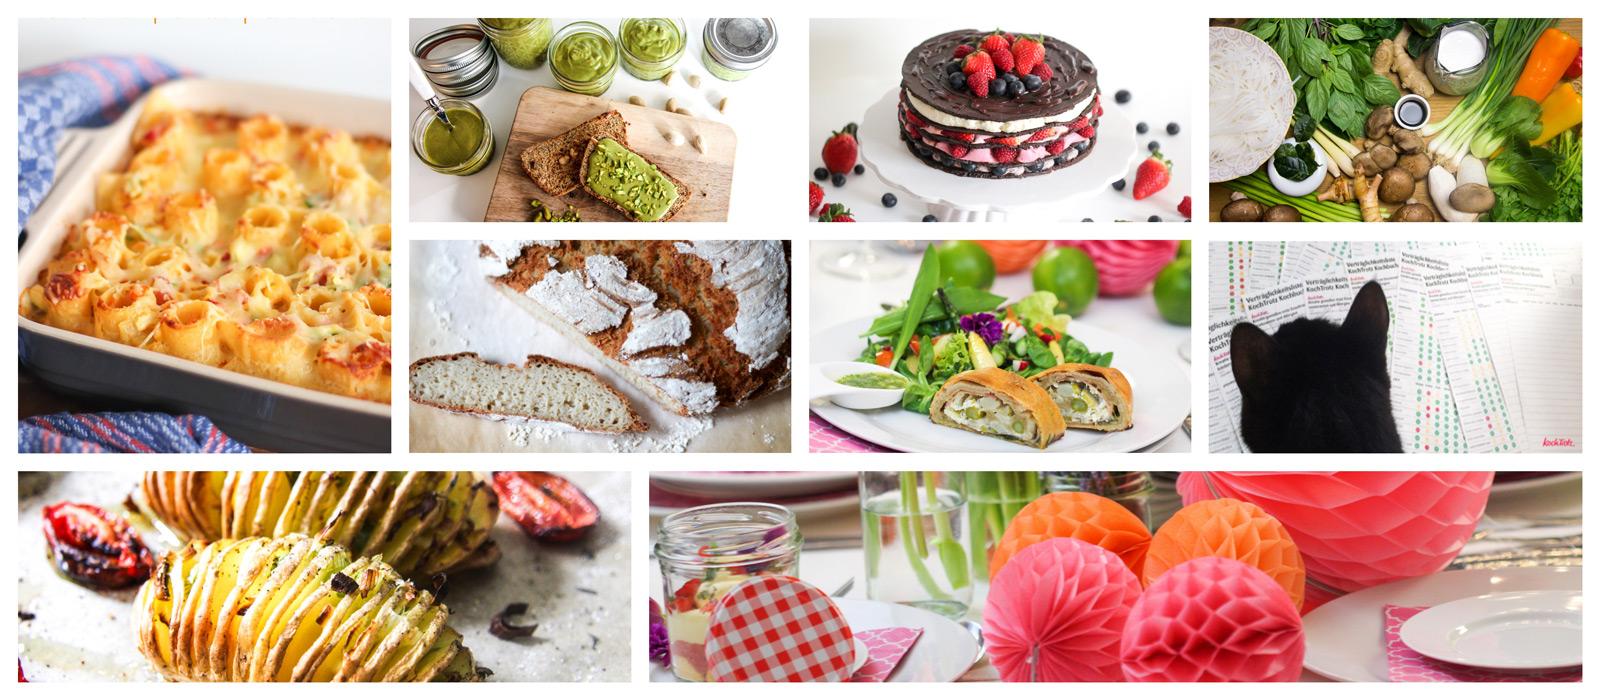 Anmeldung KochTrotz Newsletter und Verträglichkeitsliste